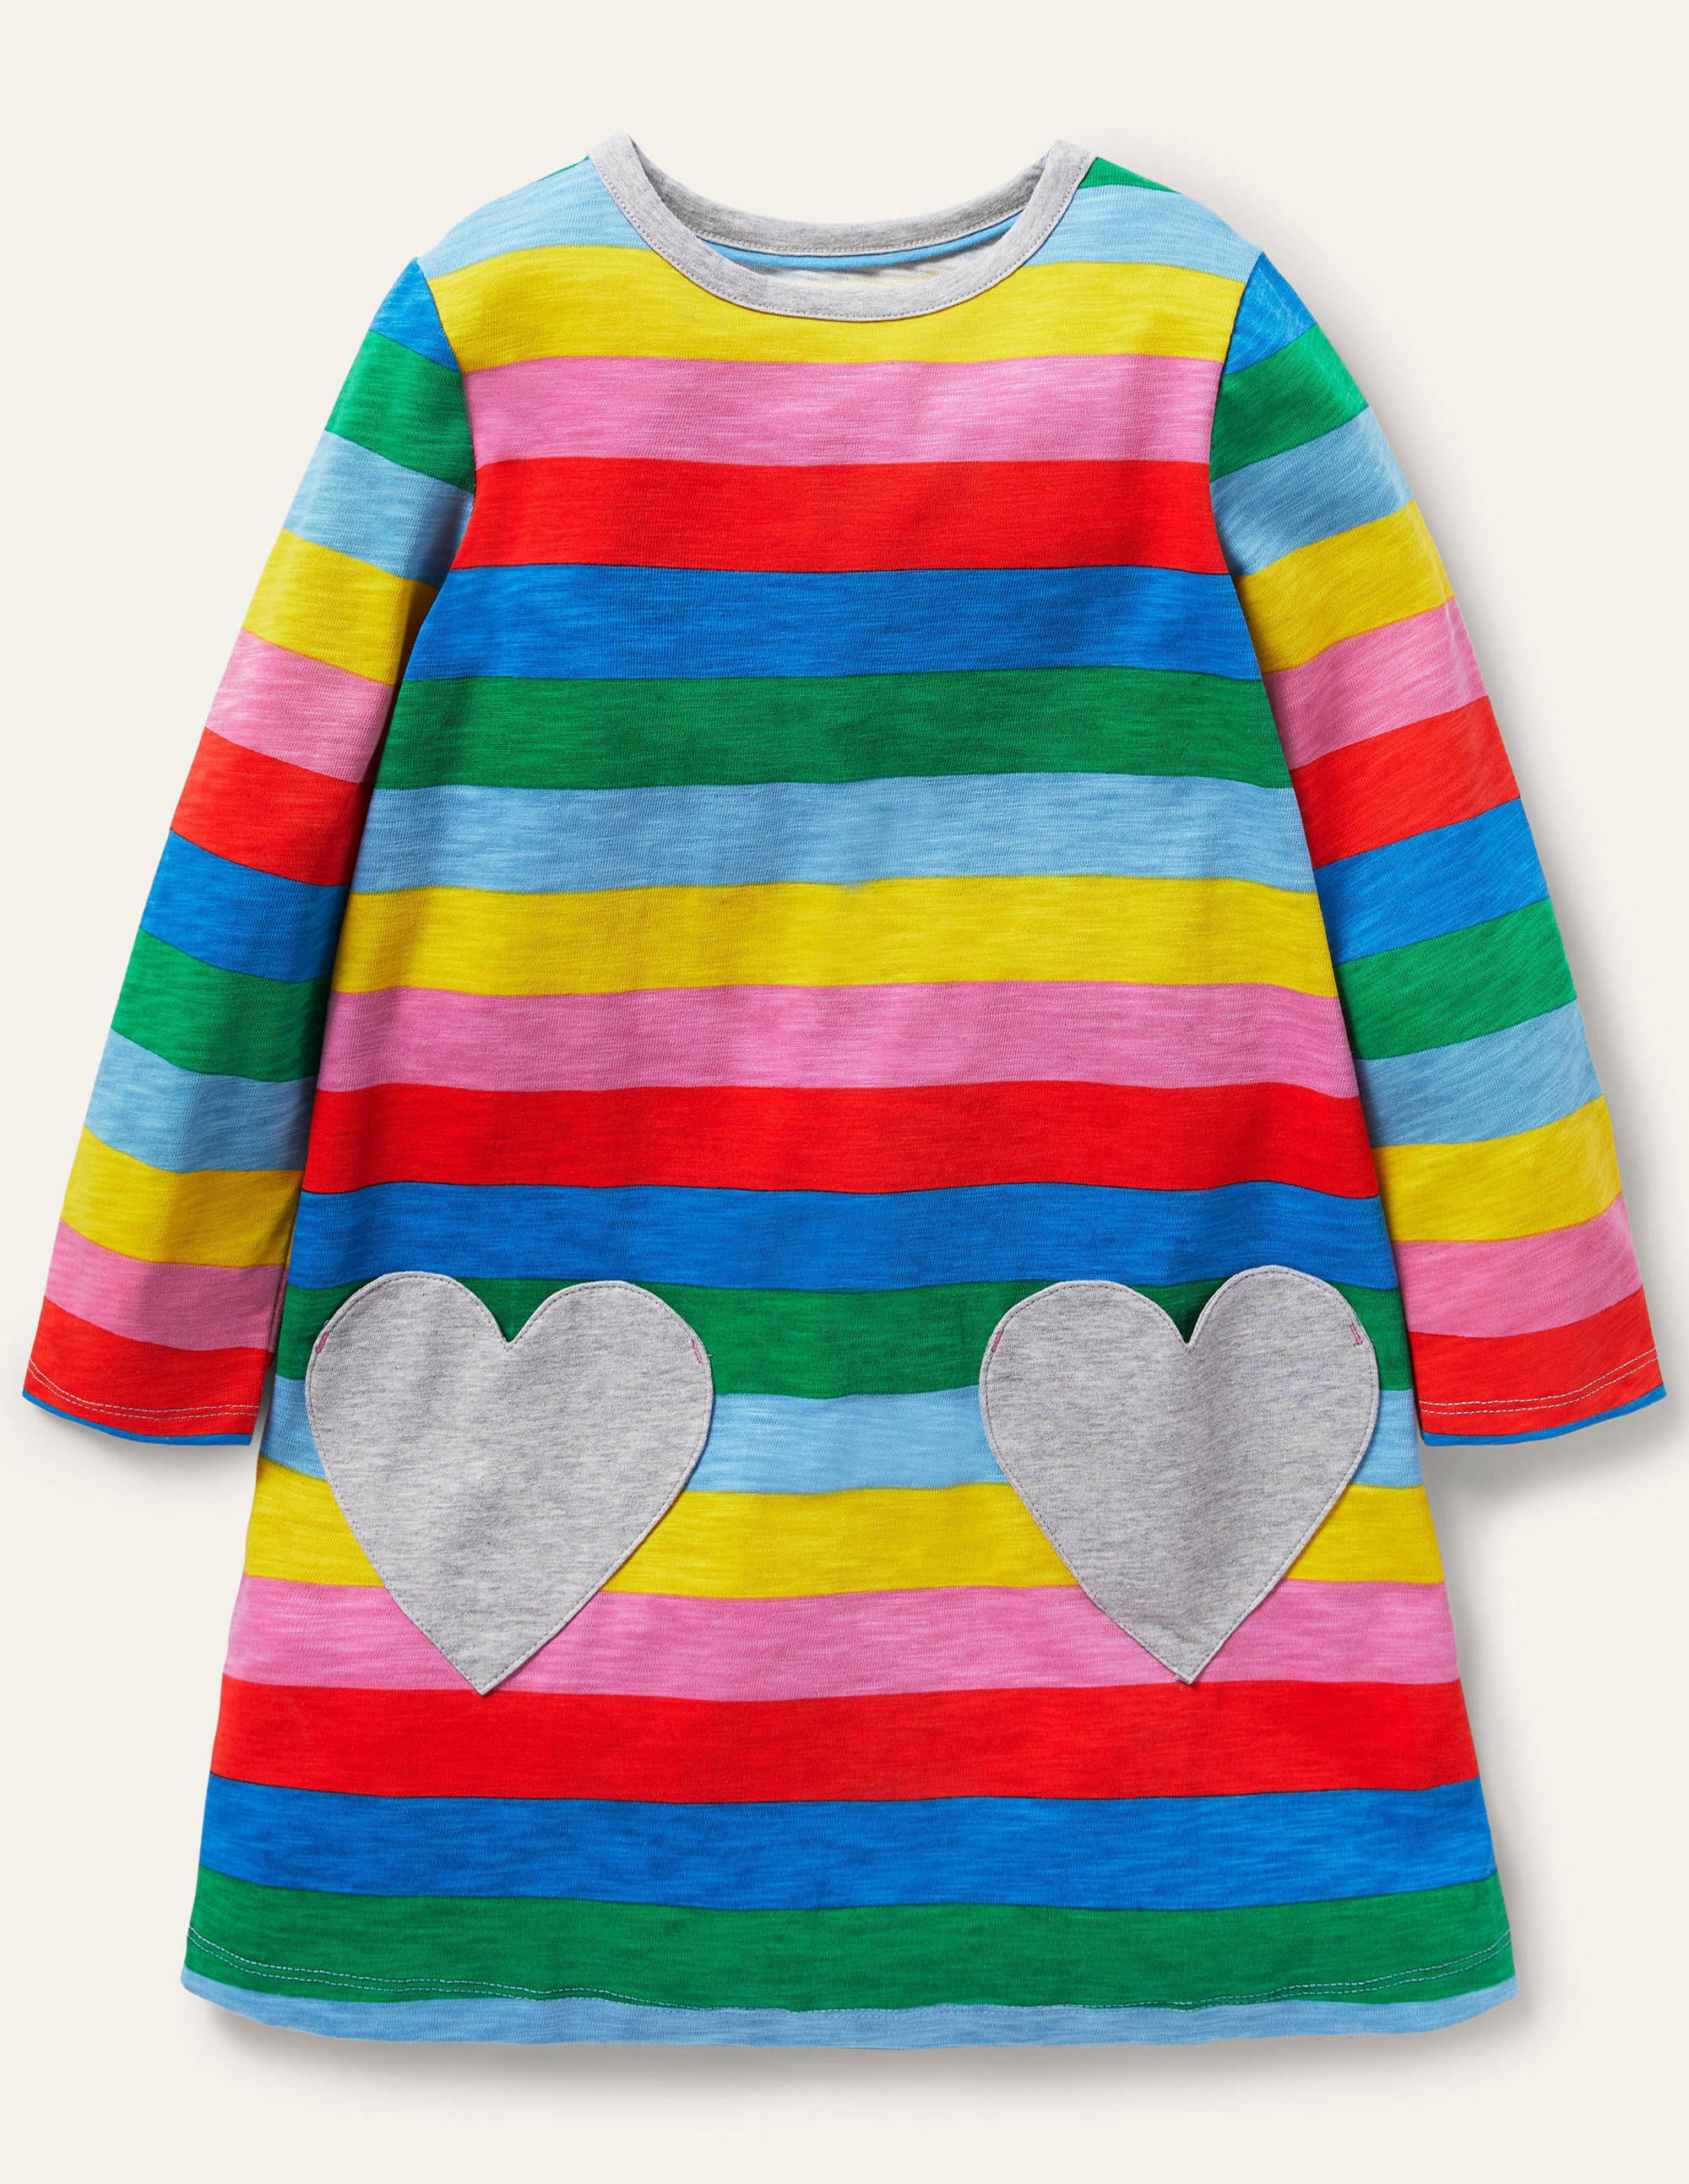 Boden Fun Pocket Jersey Dress - Multi Stripe